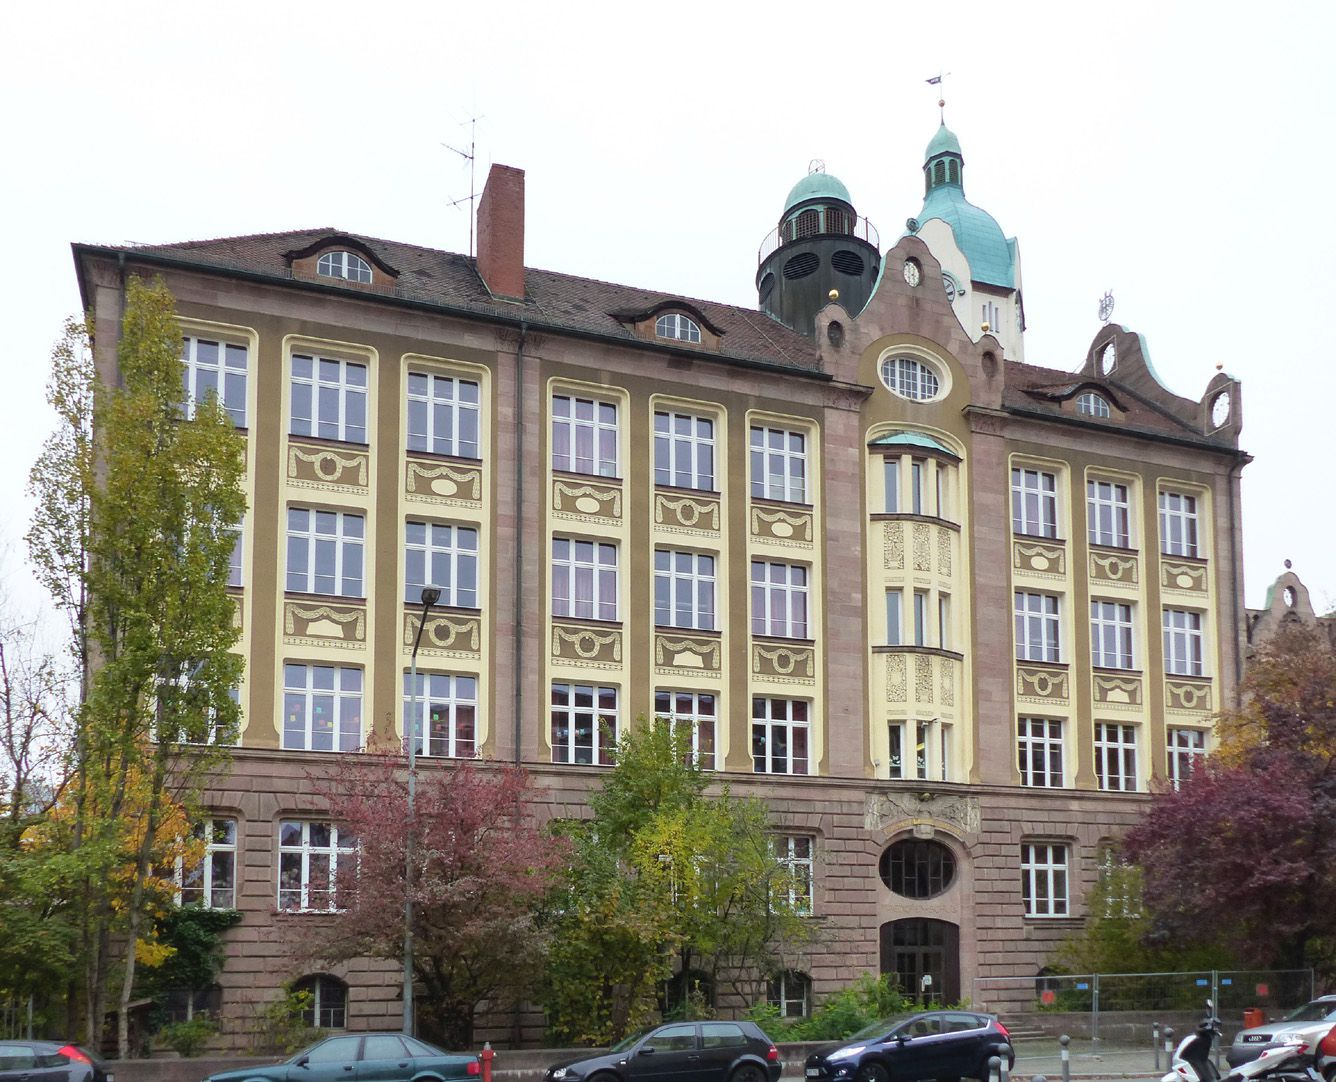 Bismarck-School Front, Fröbelstraße